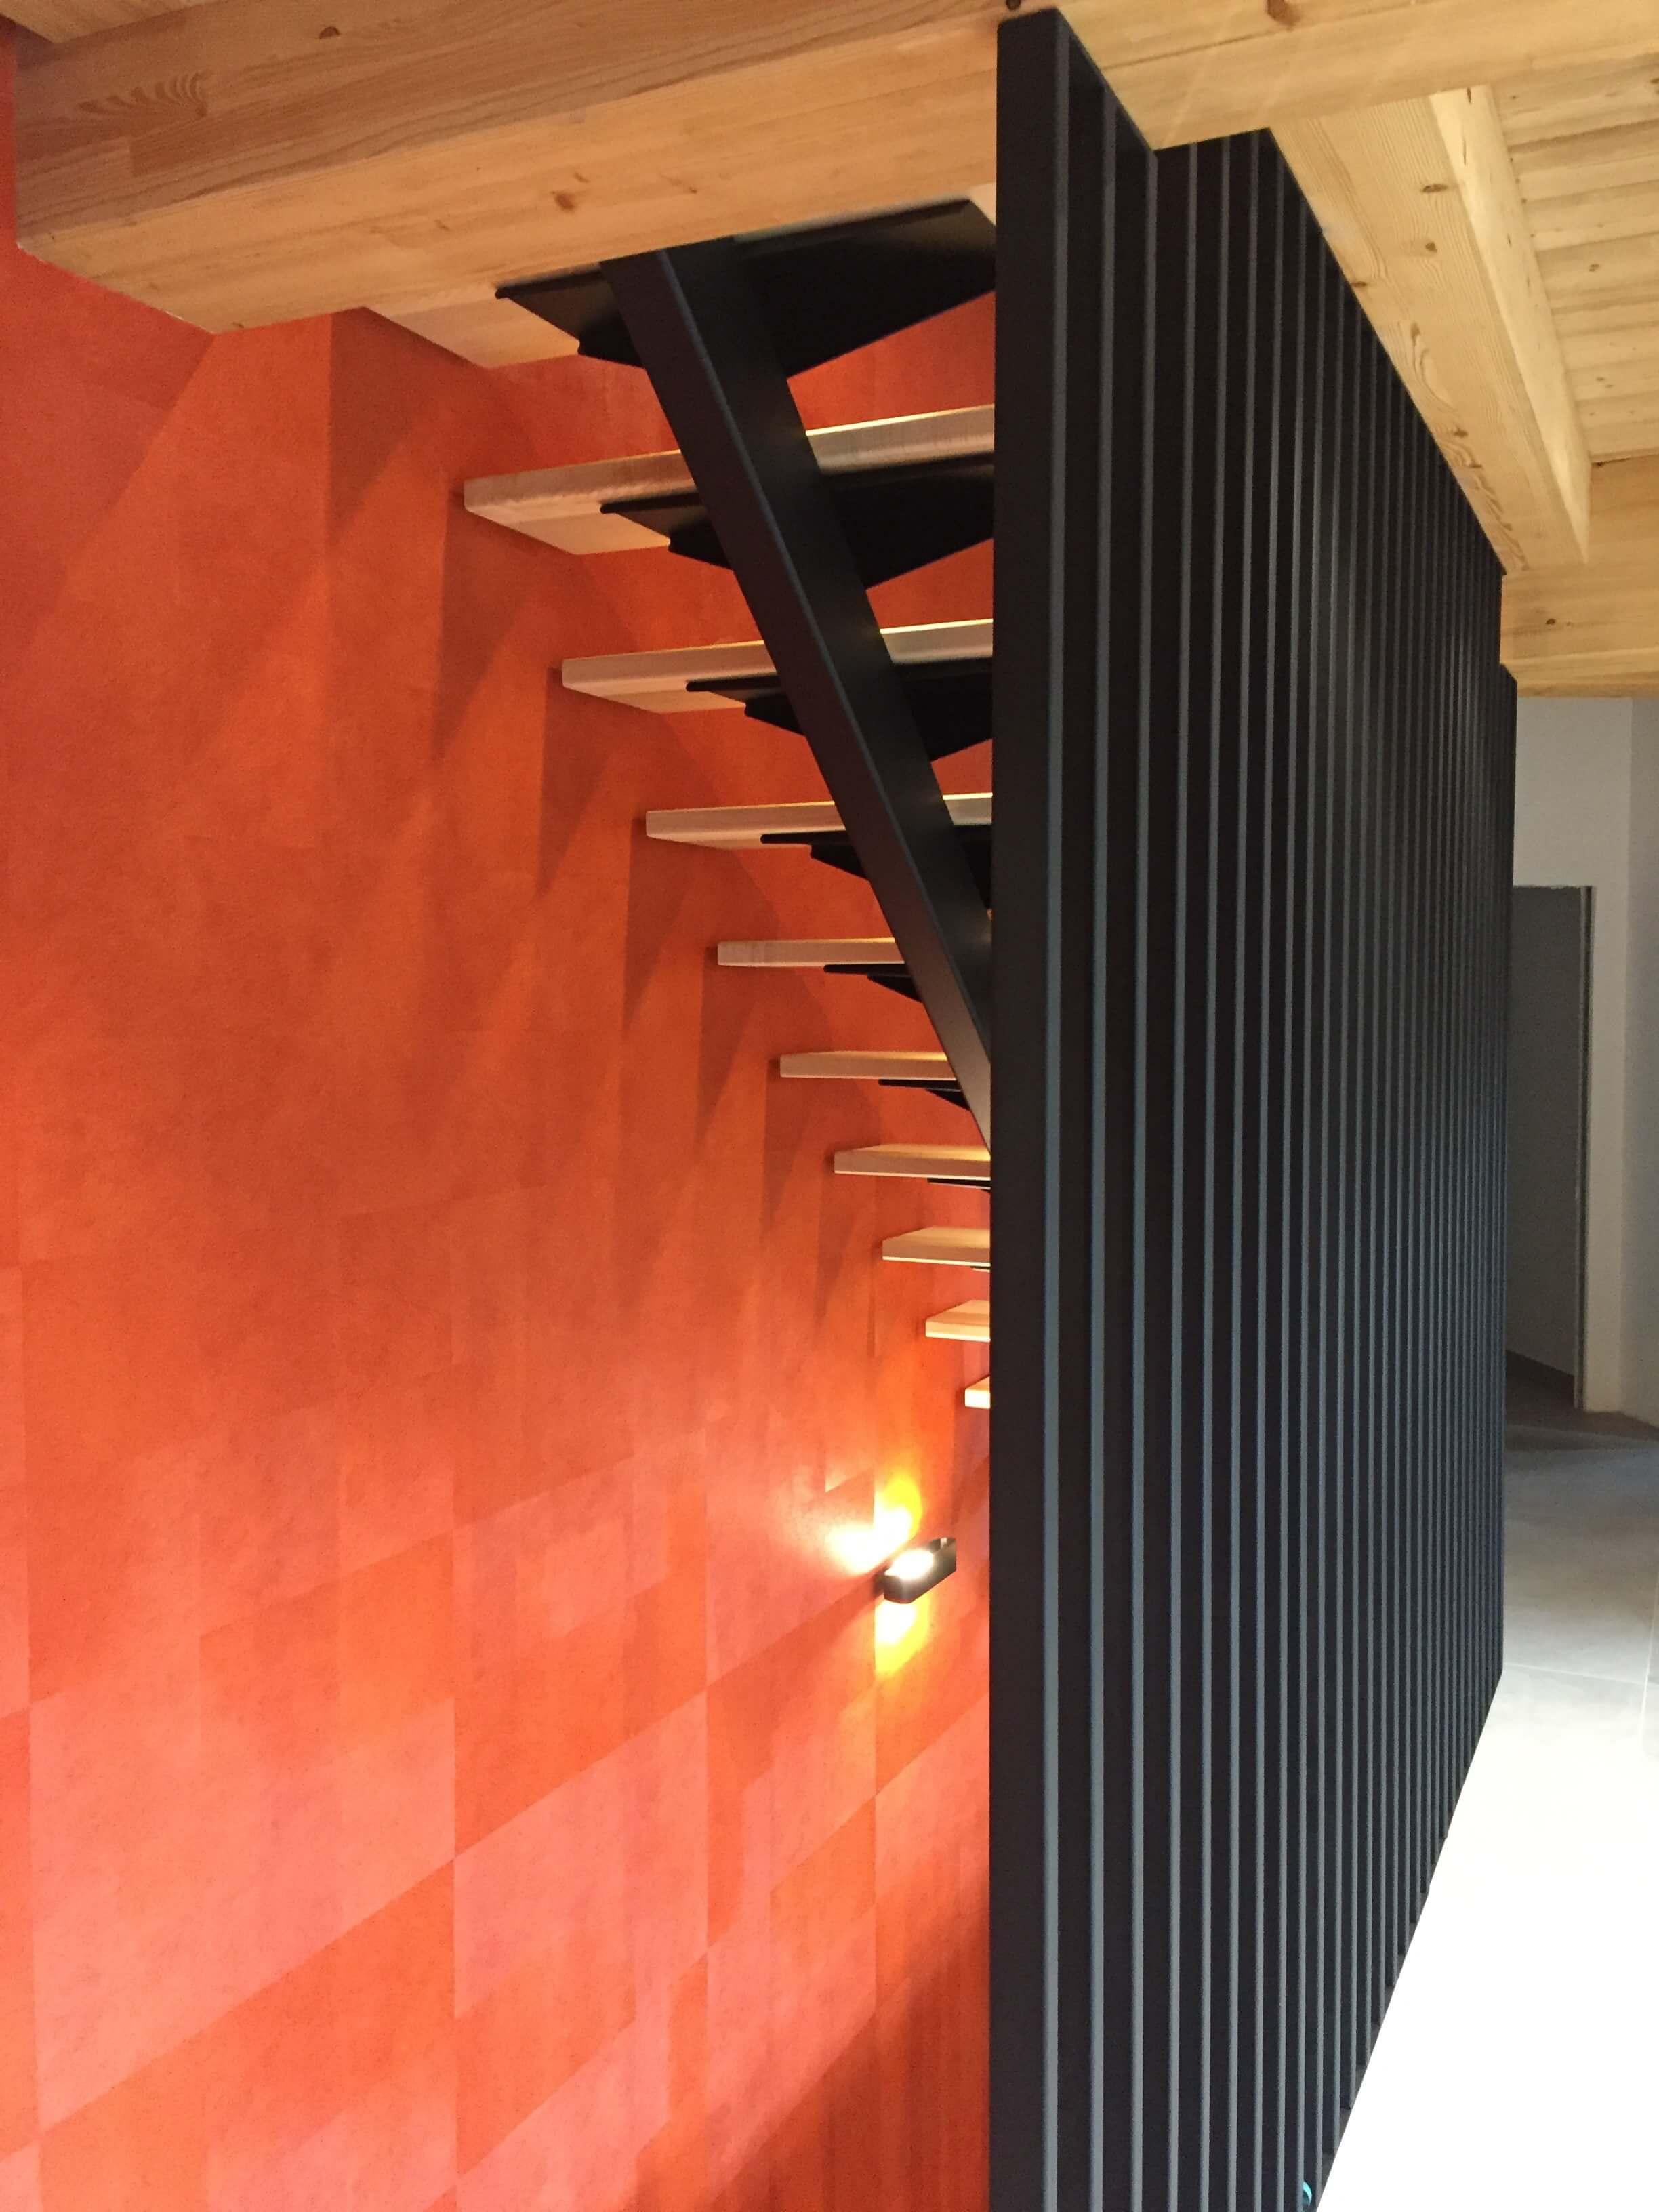 Robi design Métallique Annecy agencement intérieur verrière claustra Tarentaise 7321